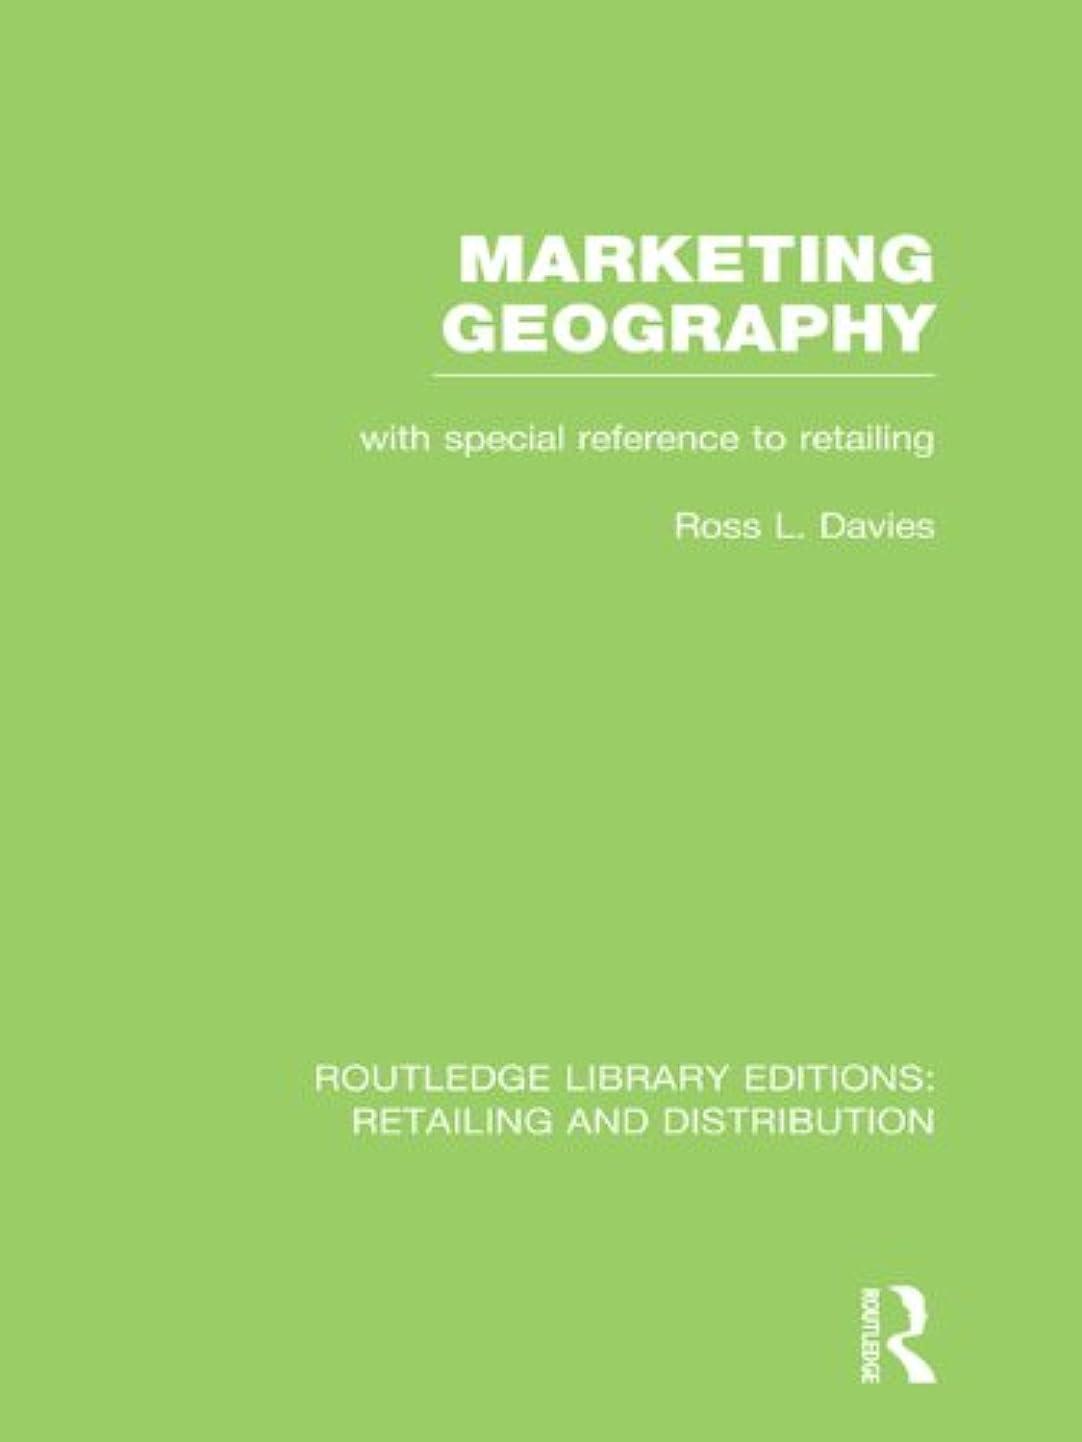 インサート主導権分岐するMarketing Geography (RLE Retailing and Distribution): With special reference to retailing (Routledge Library Editions: Retailing and Distribution) (English Edition)